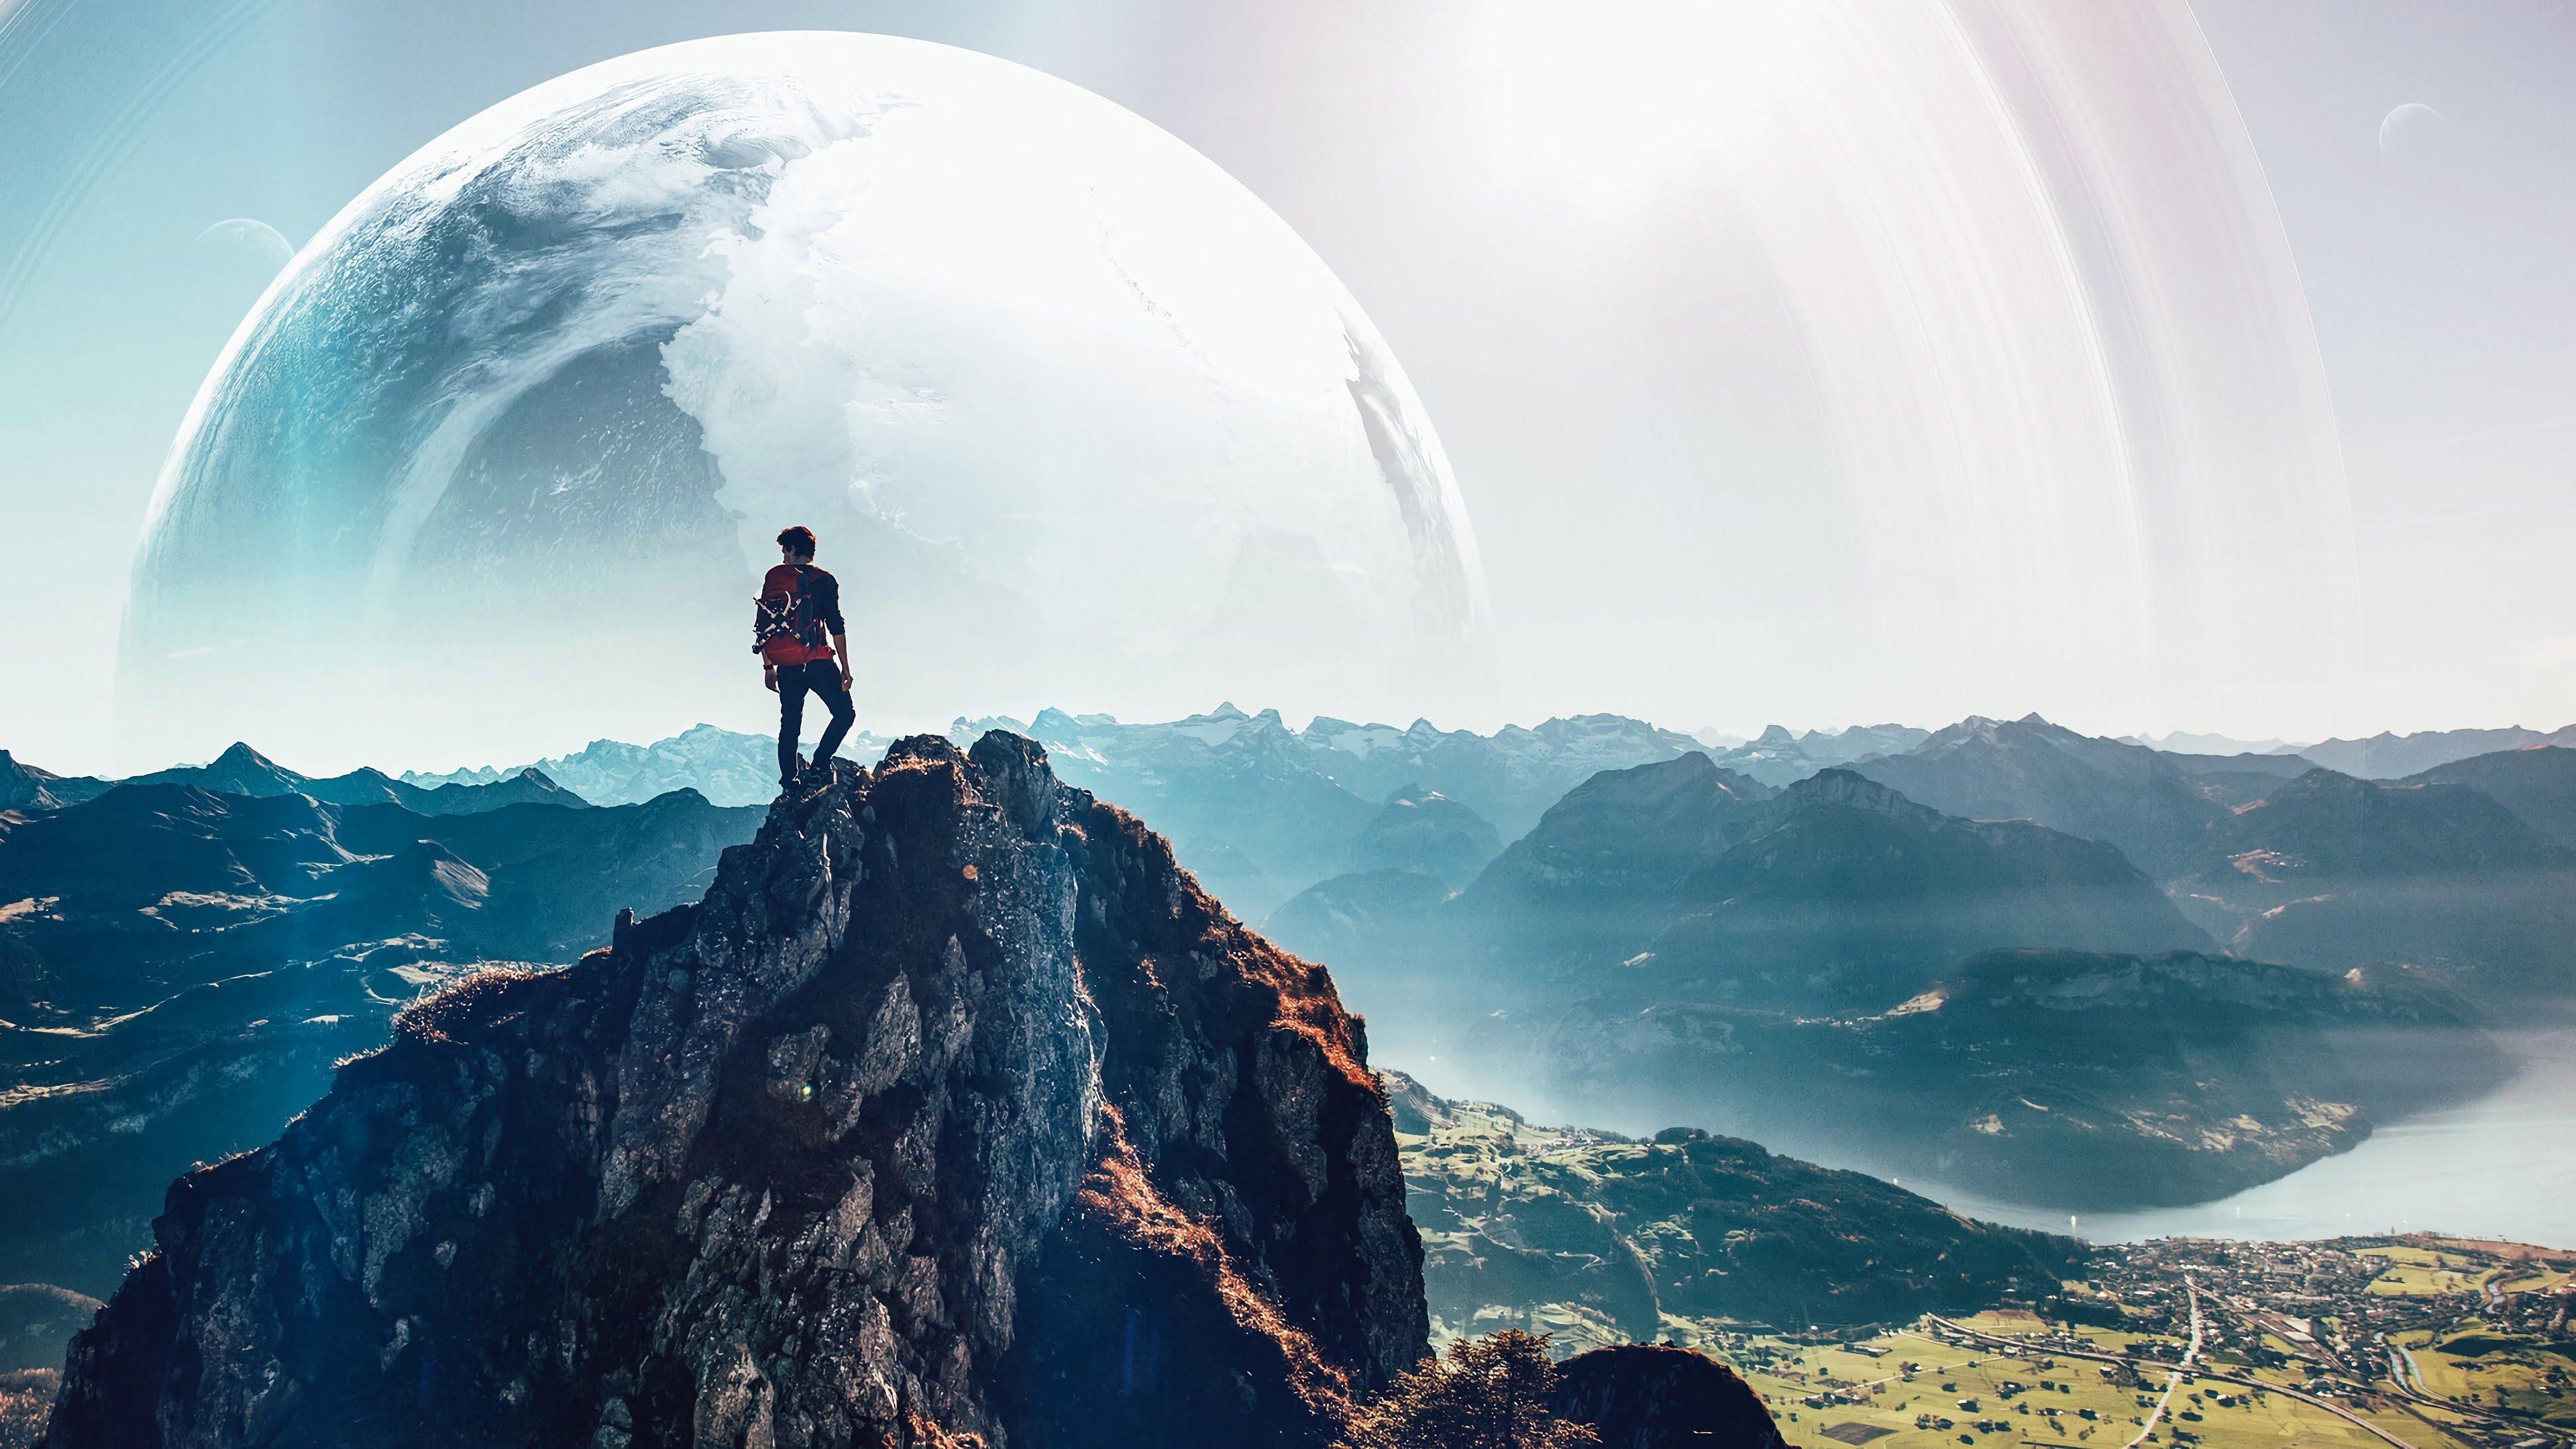 mountain-summit-landscape-nature-moon-scenery-4K-175-1